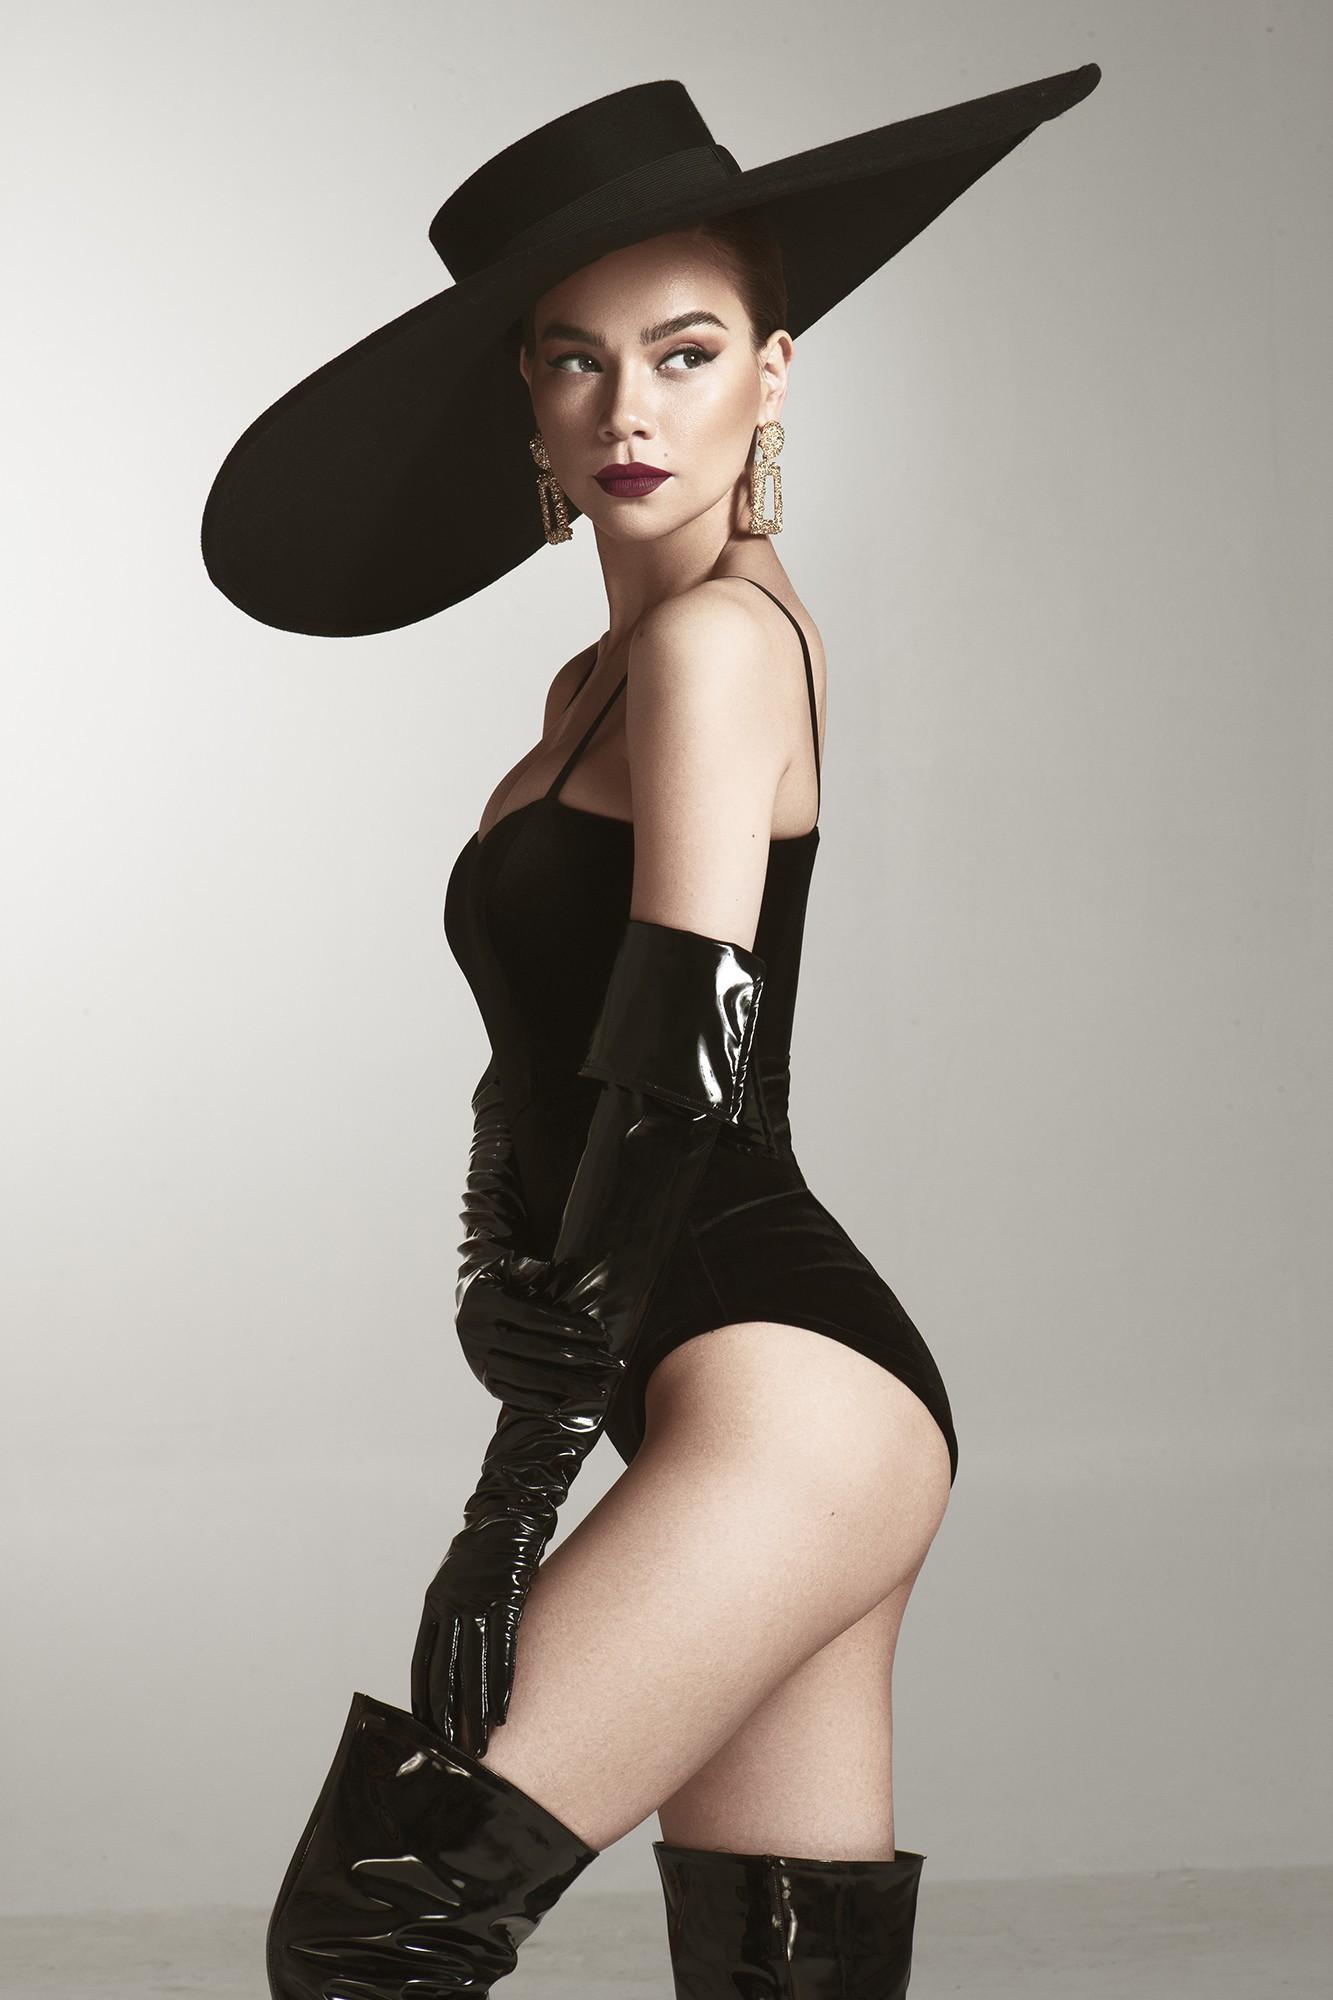 Hồ Ngọc Hà trải lòng sau khi trở thành giám khảo khách mời Asias Next top Model - Ảnh 1.